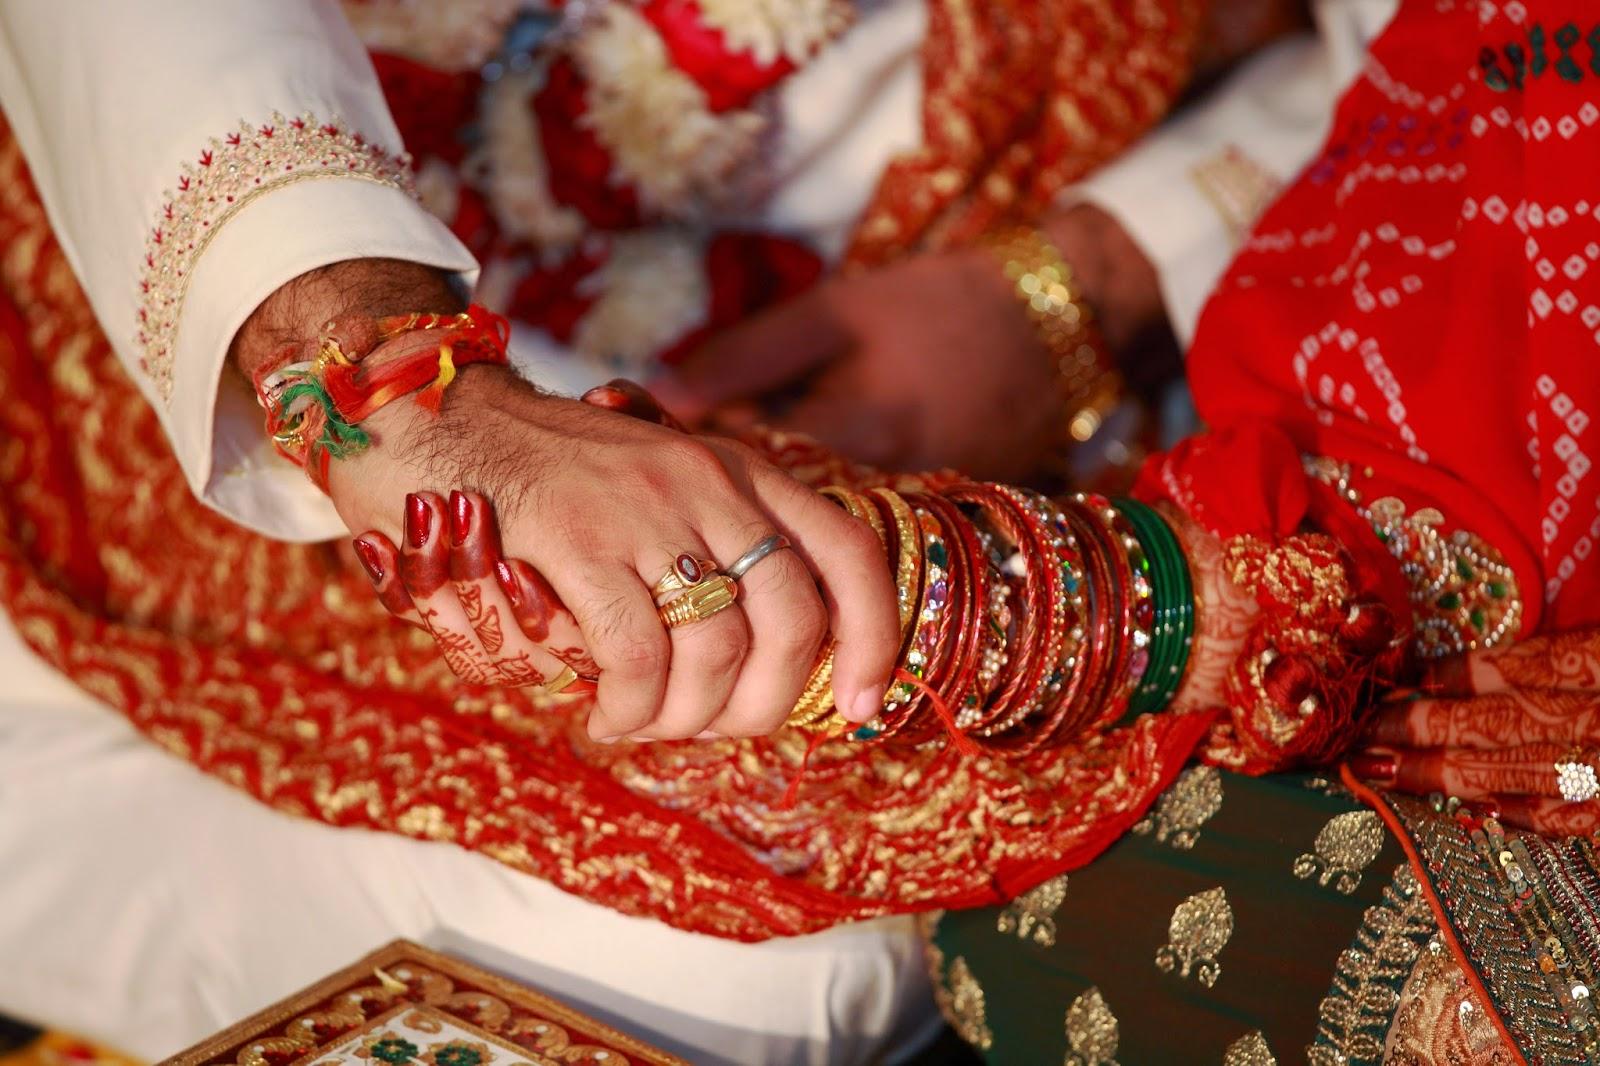 matrimonio senza incontri canzoni scaricare 3 Way Campeggio rete di collegamento